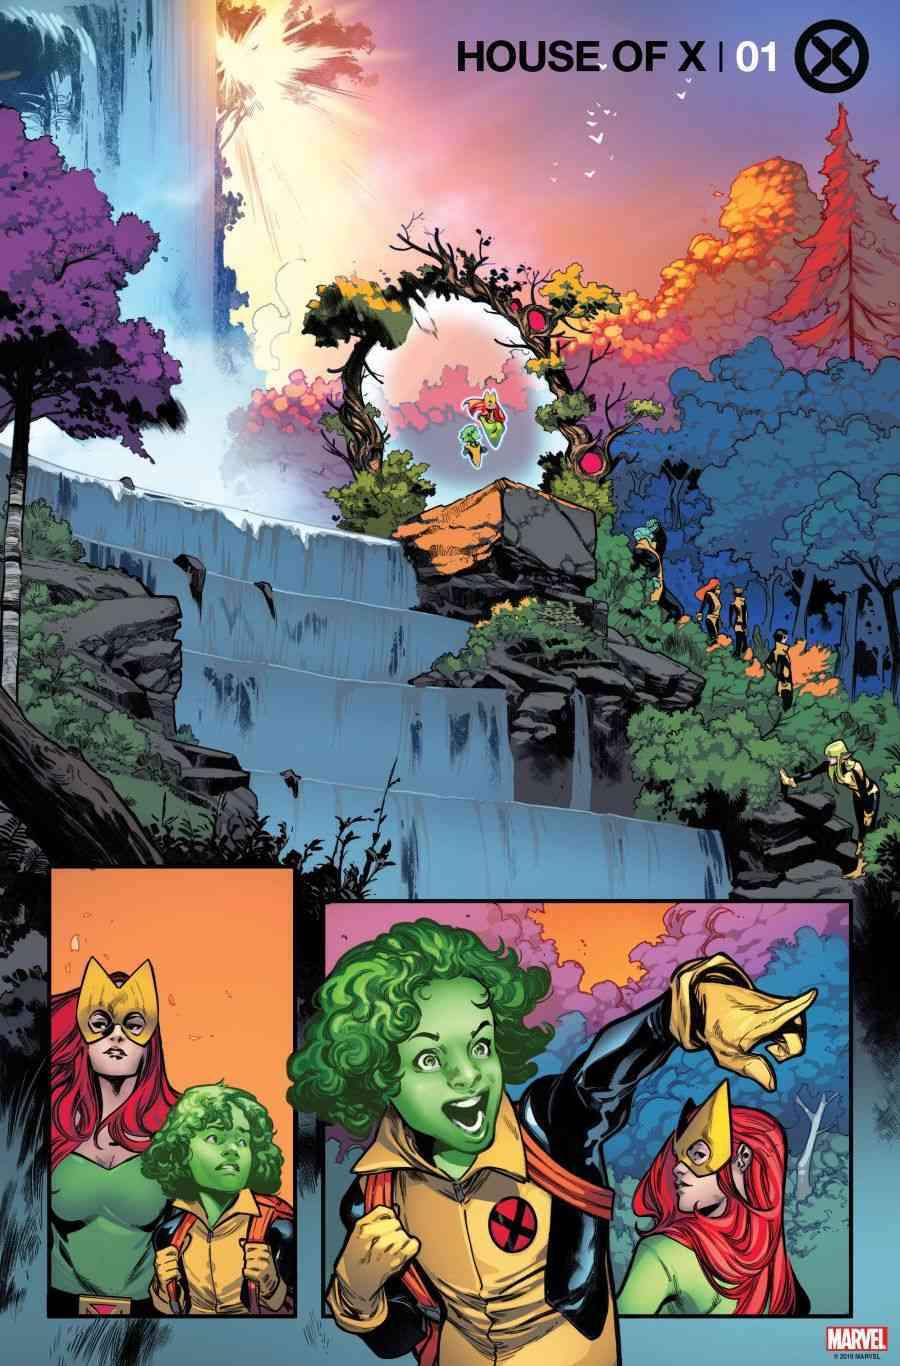 Os X-Men de Jonathan Hickman - House of X #1 - Arte interna 1 - Blog Farofeiros